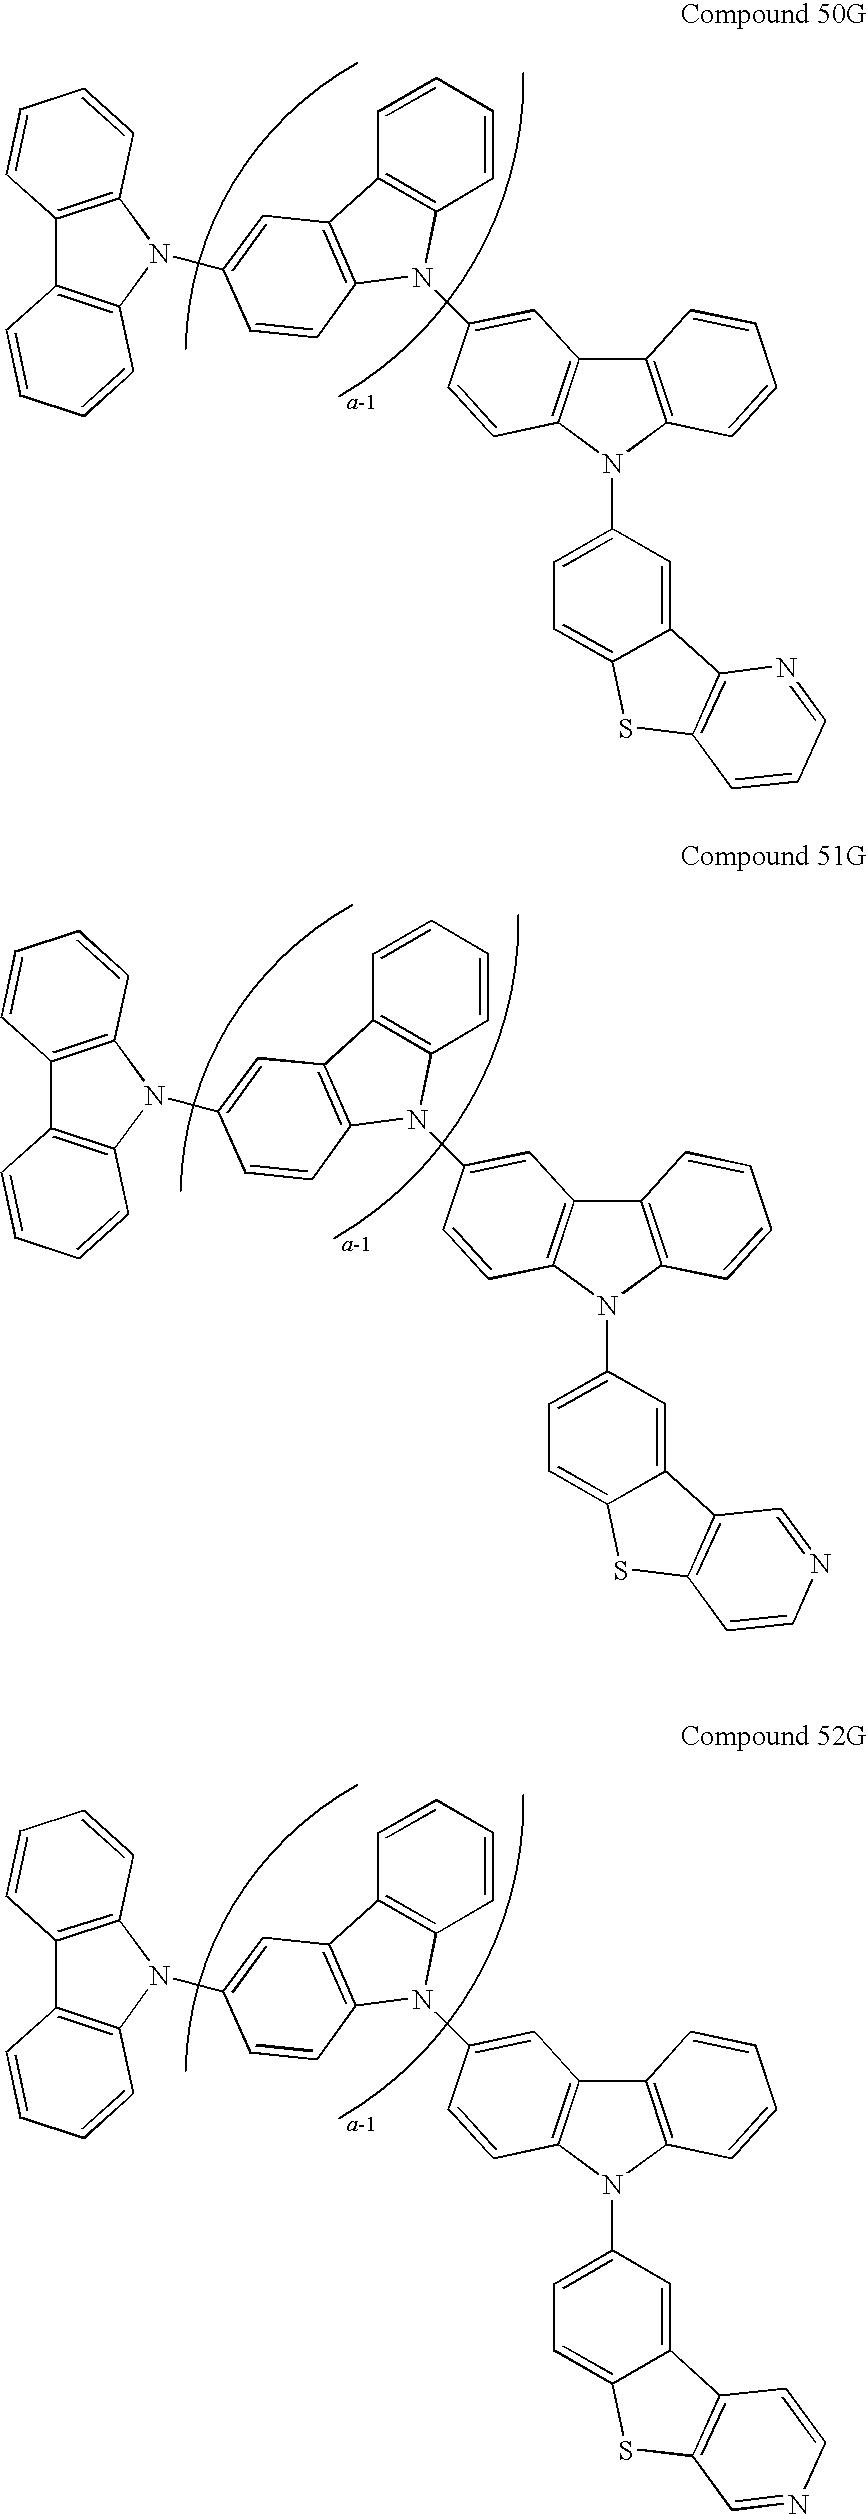 Figure US20090134784A1-20090528-C00215